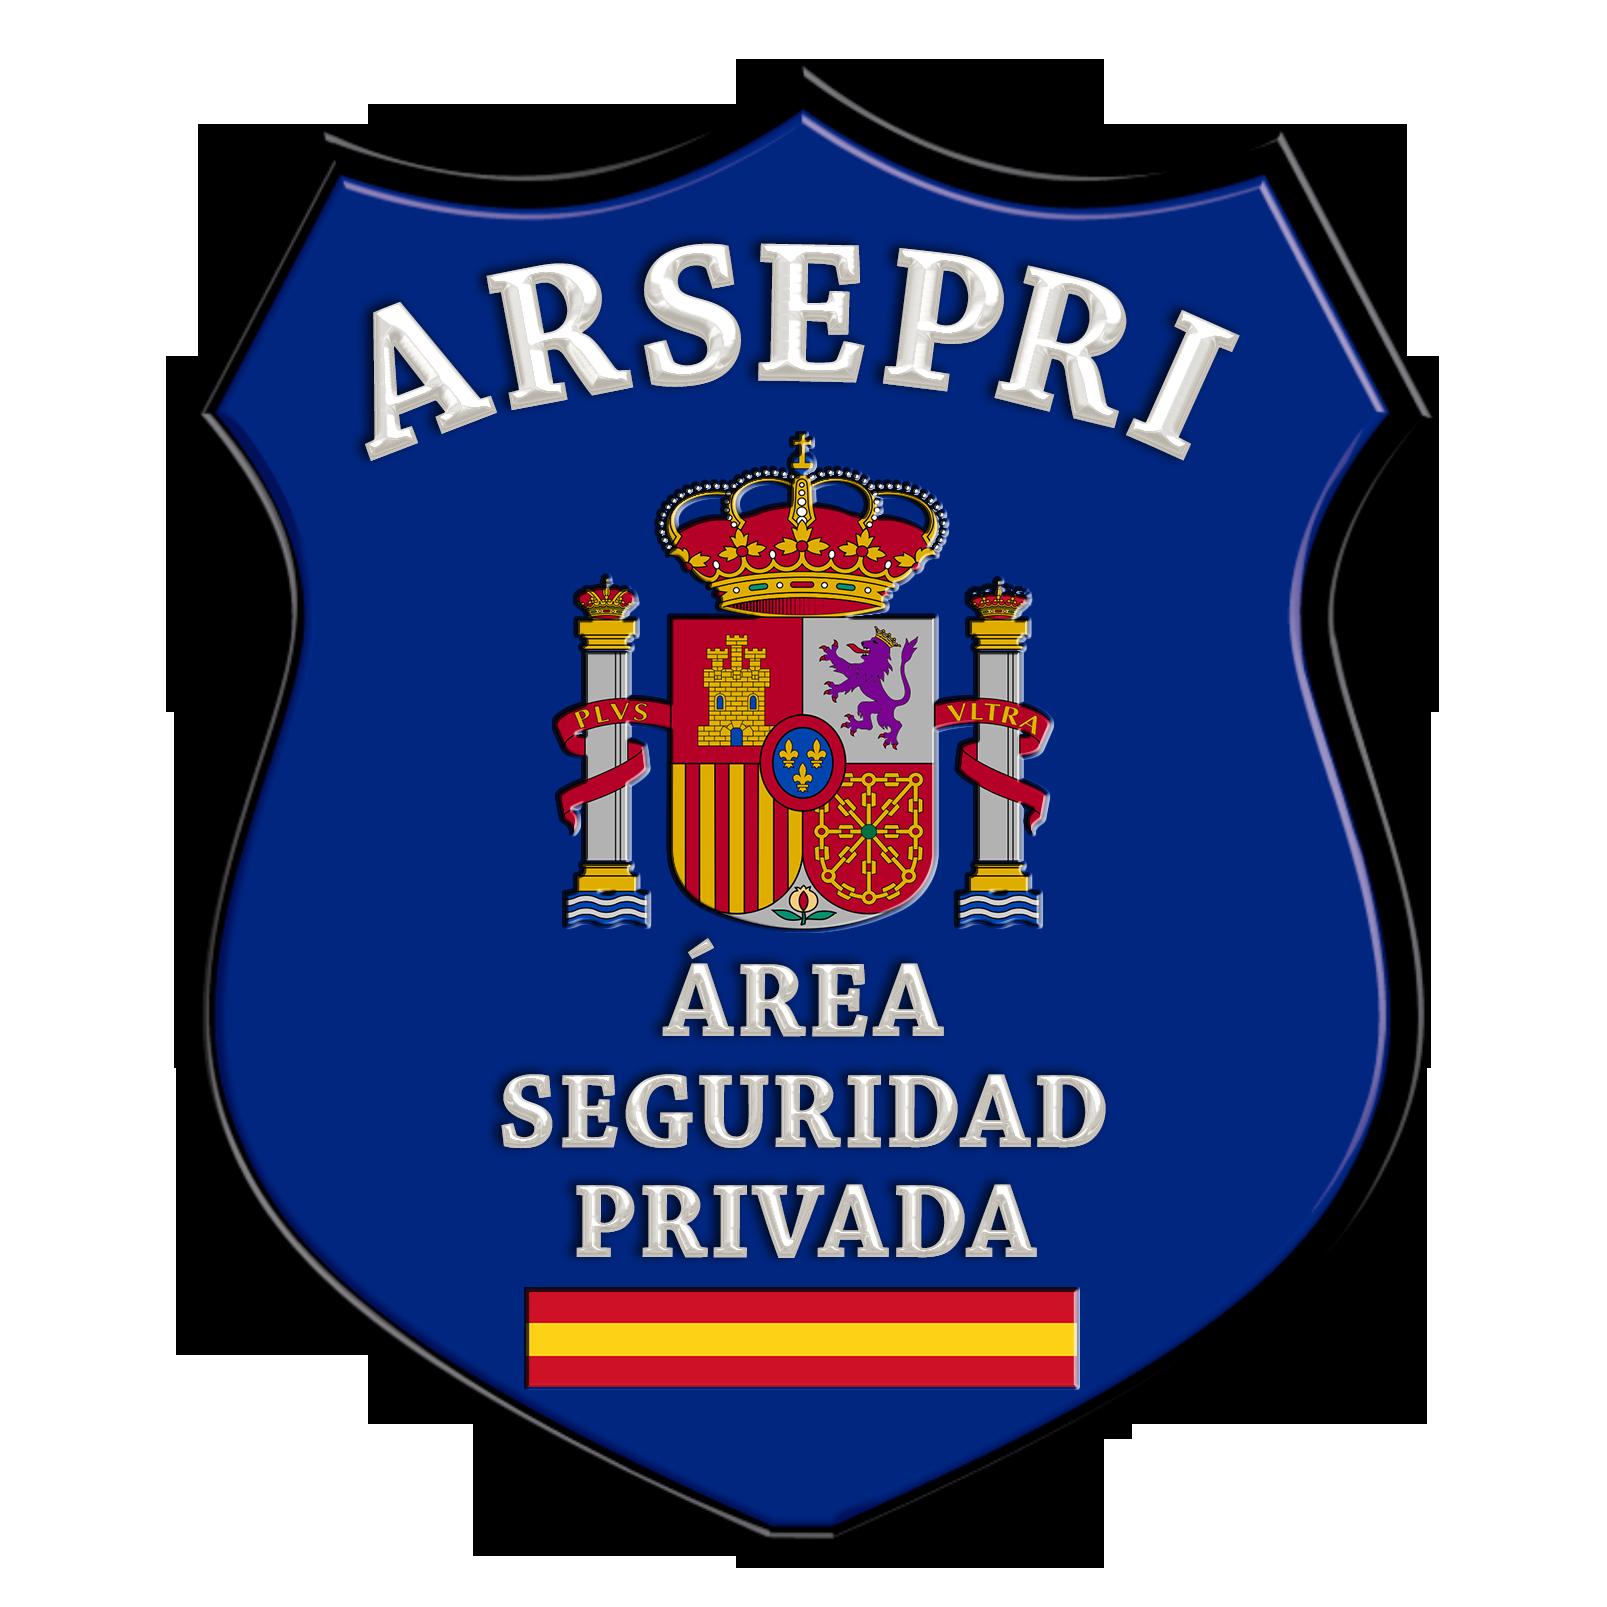 Arsepri